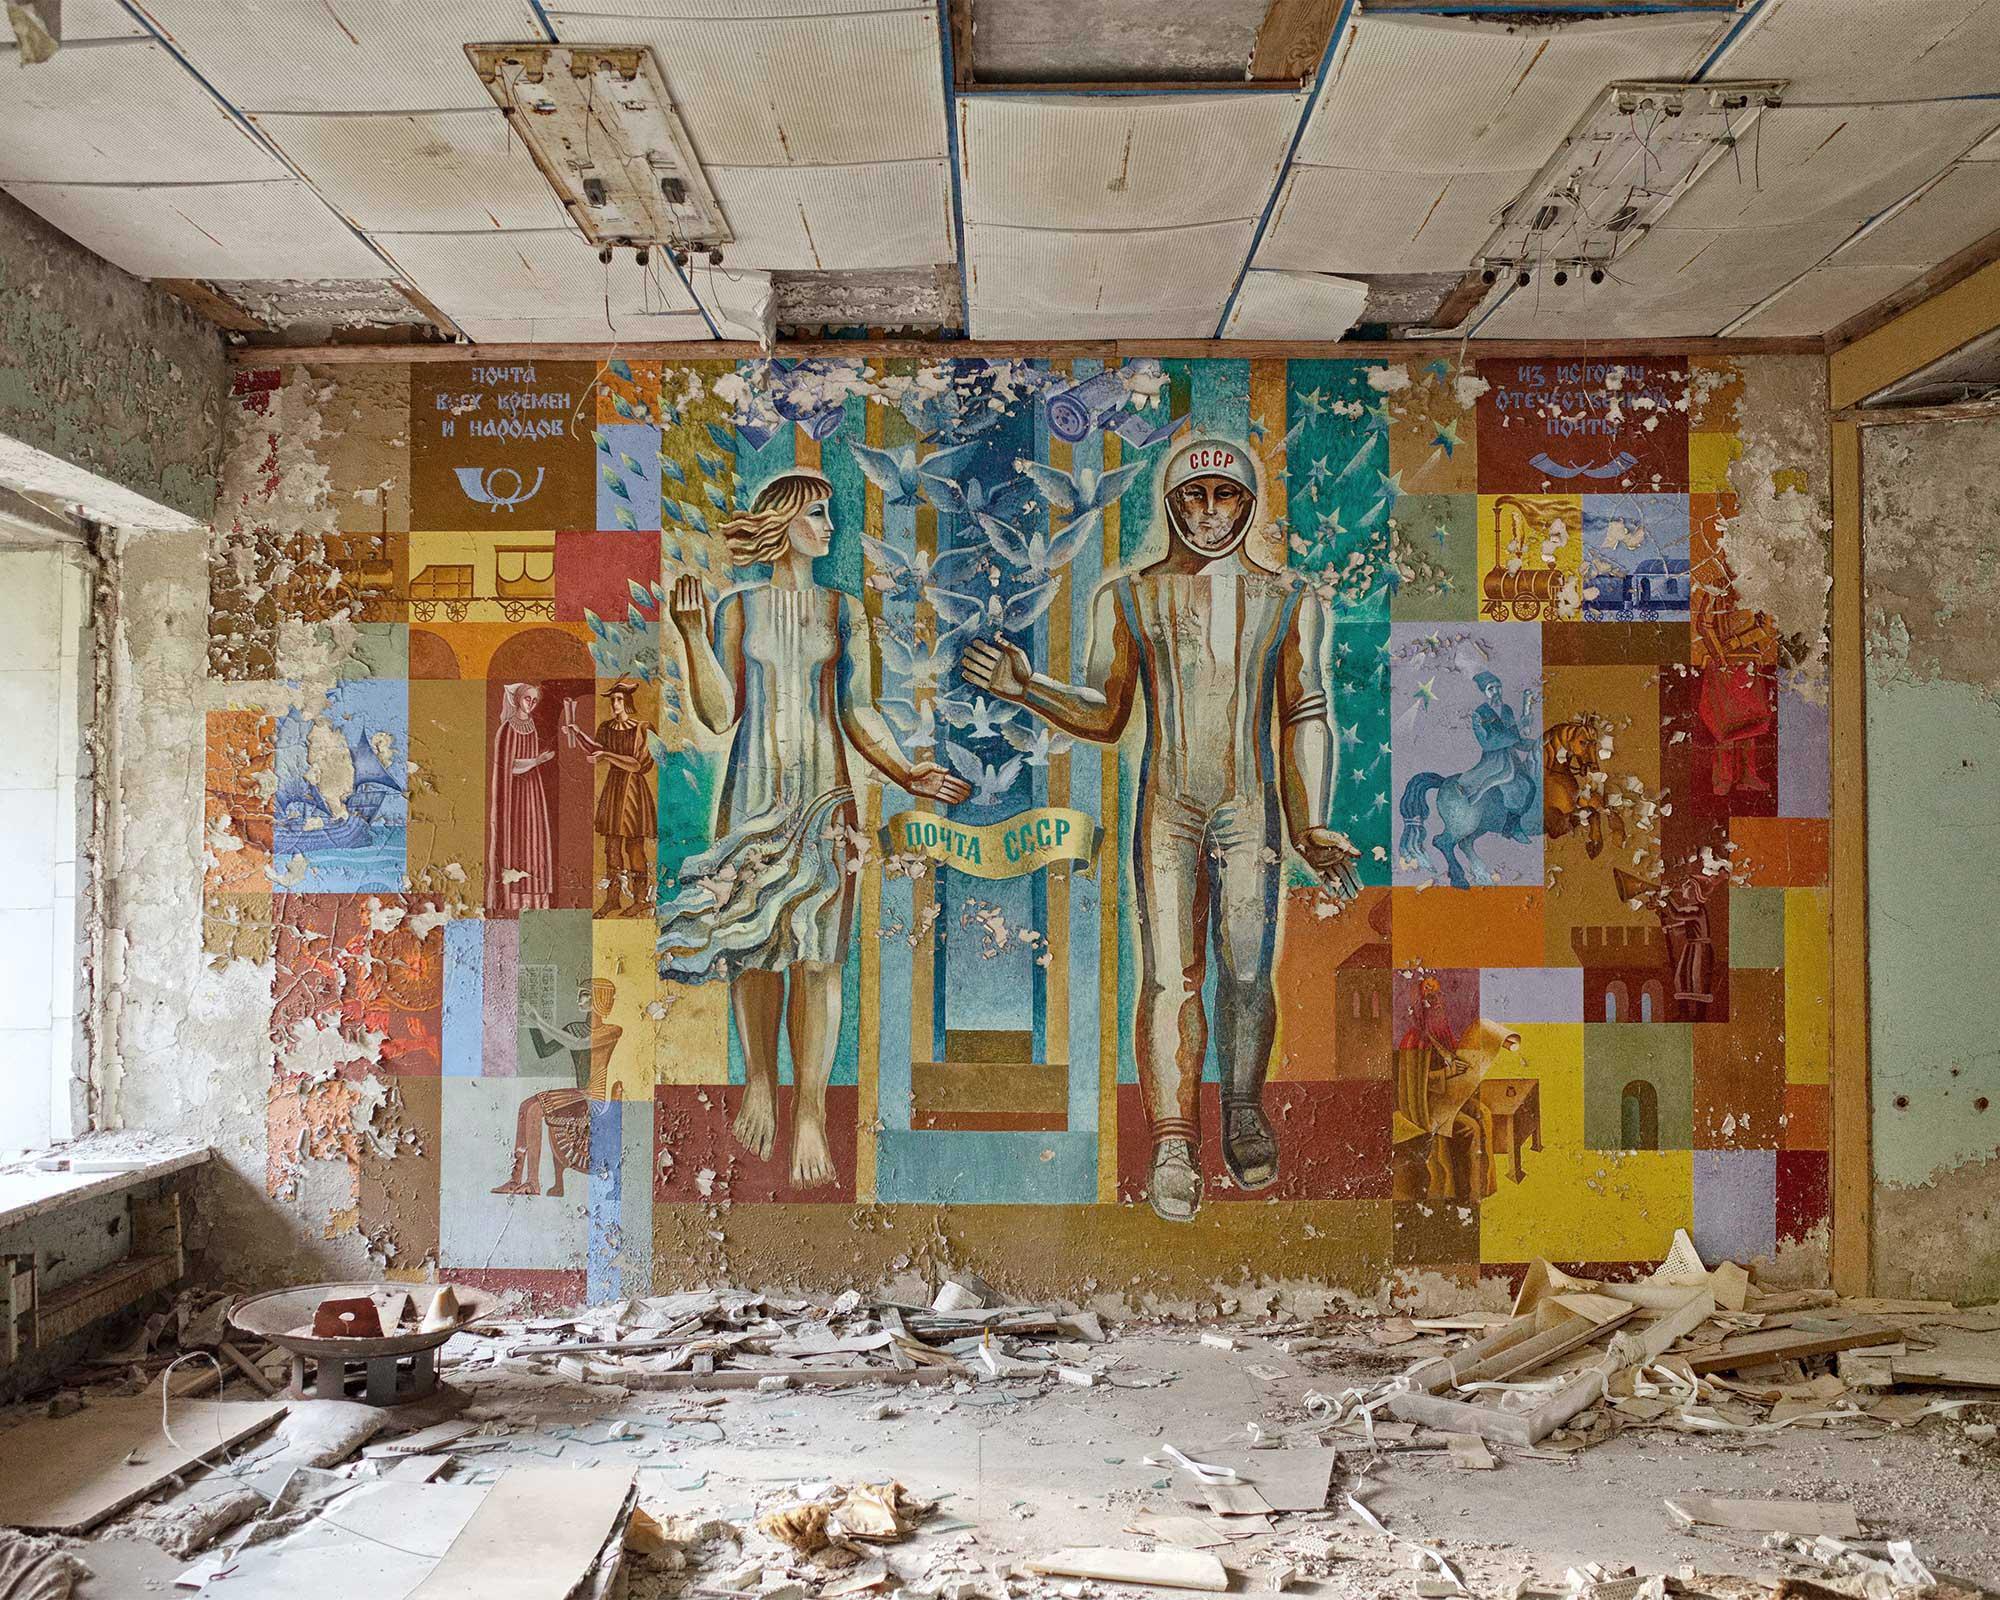 063_chernobyl_PostOffice_w.jpg